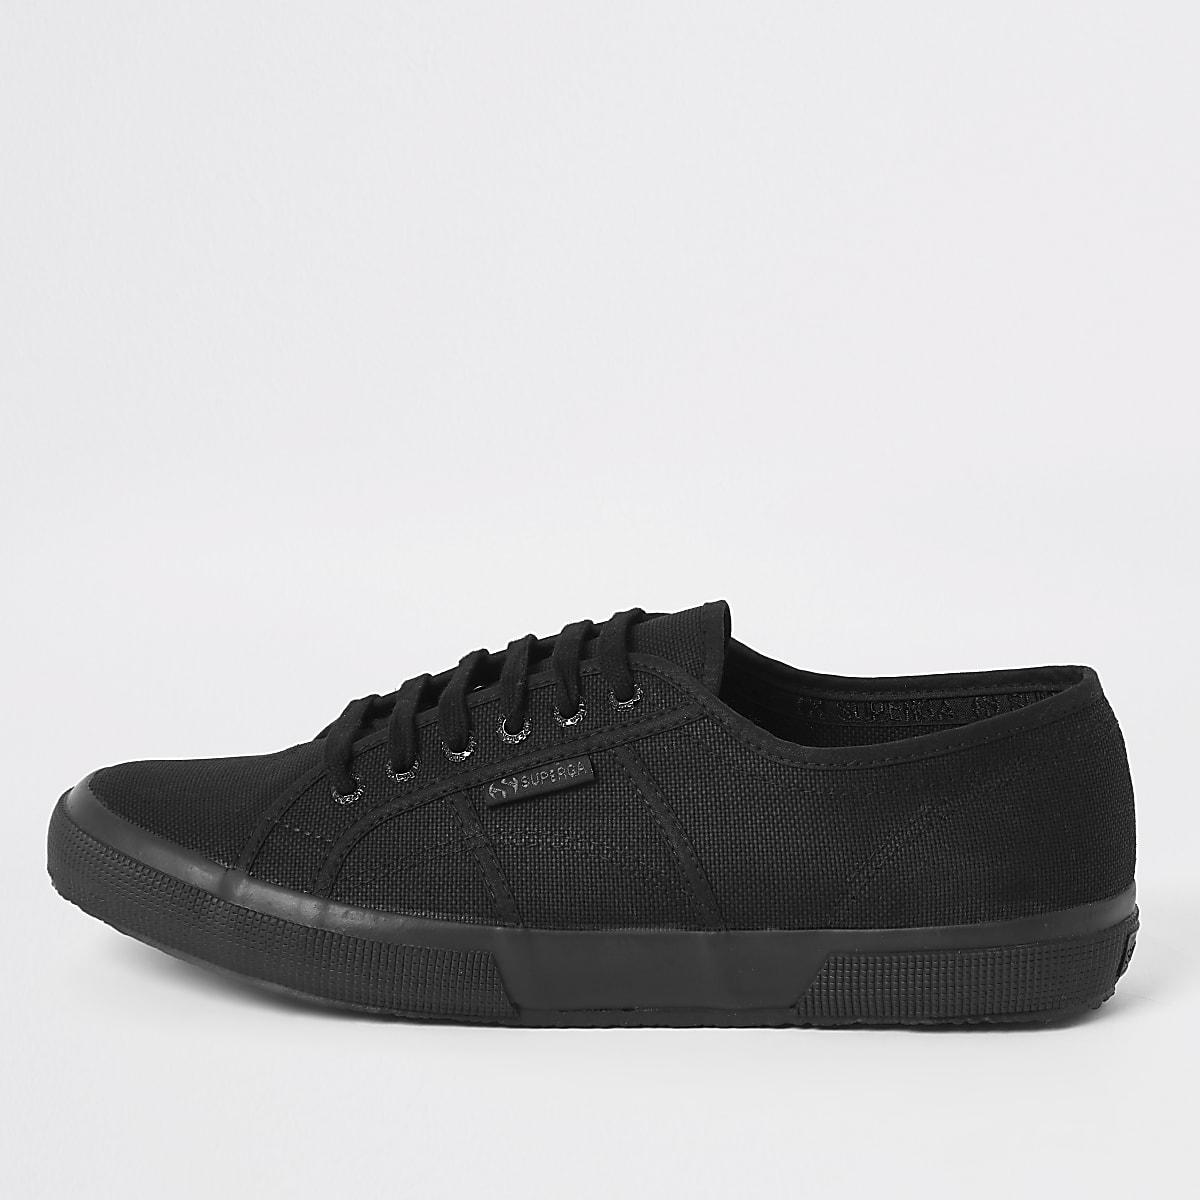 Superga black classic runner sneakers